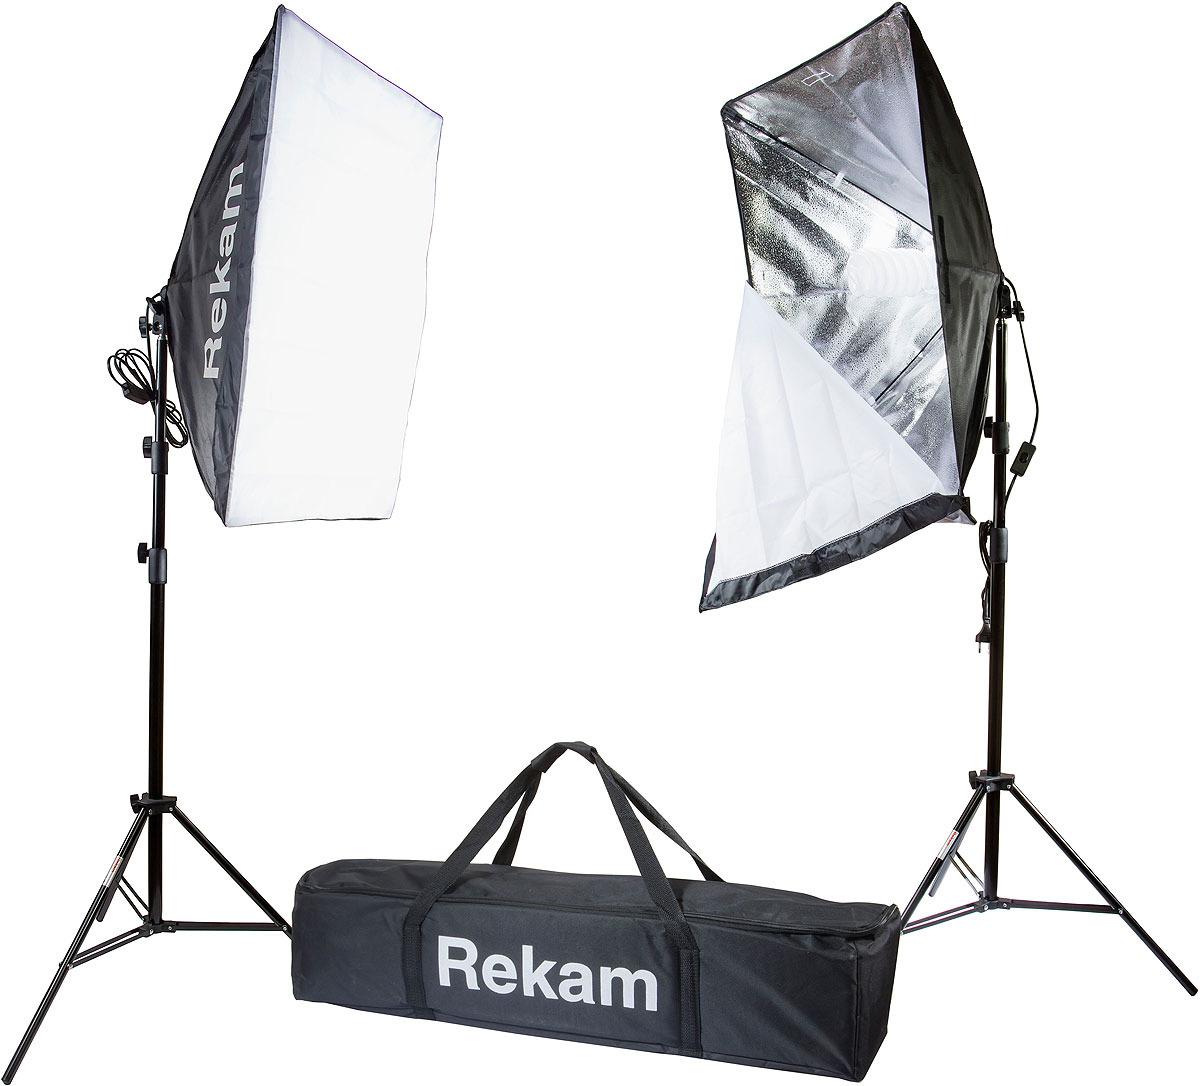 Комплект флуоресцентных осветителей Rekam CL-250-FL2-SB Kit & CL-250-FL2-SB Kit, Black комплект флуоресцентных осветителей rekam cl 435 fl3 sb boom kit